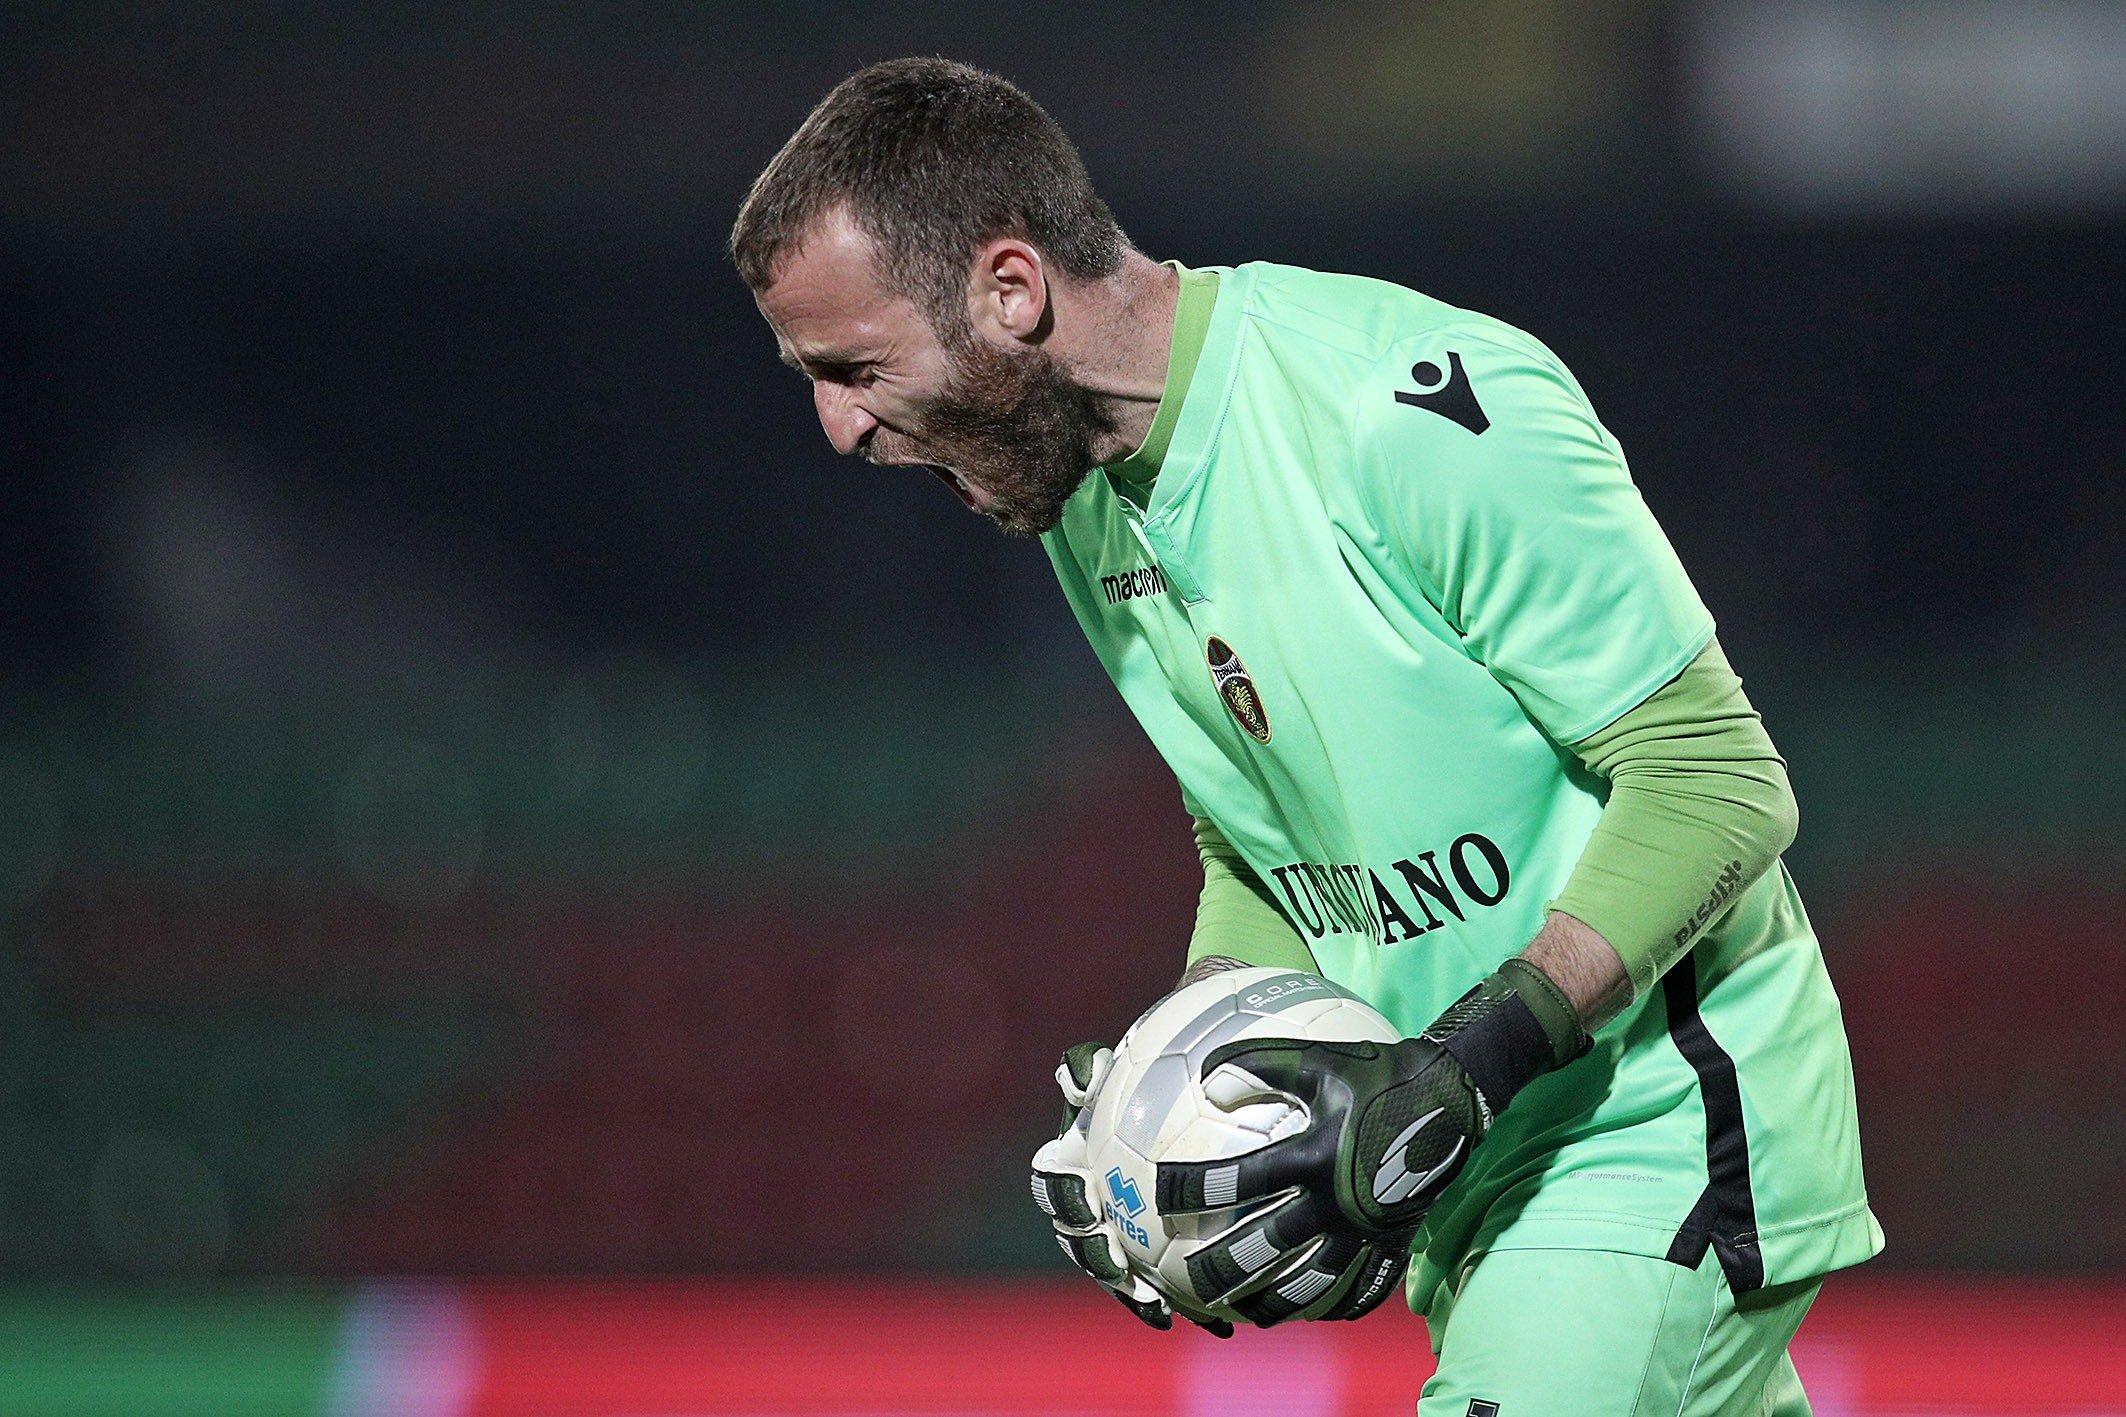 Calcio - Lega Pro - La Ternana tenta la fuga contro il Teramo e la guida  Antony Iannarilli - Gente Comune